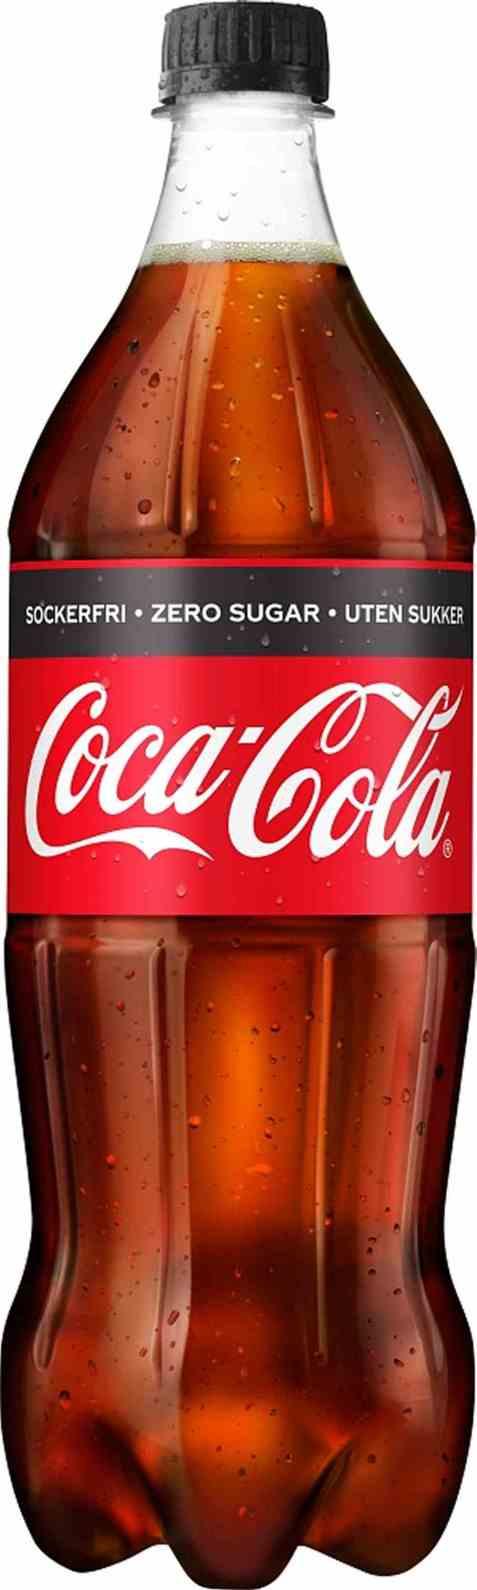 Bilde av Coca Cola uten sukker plast 1 liter.